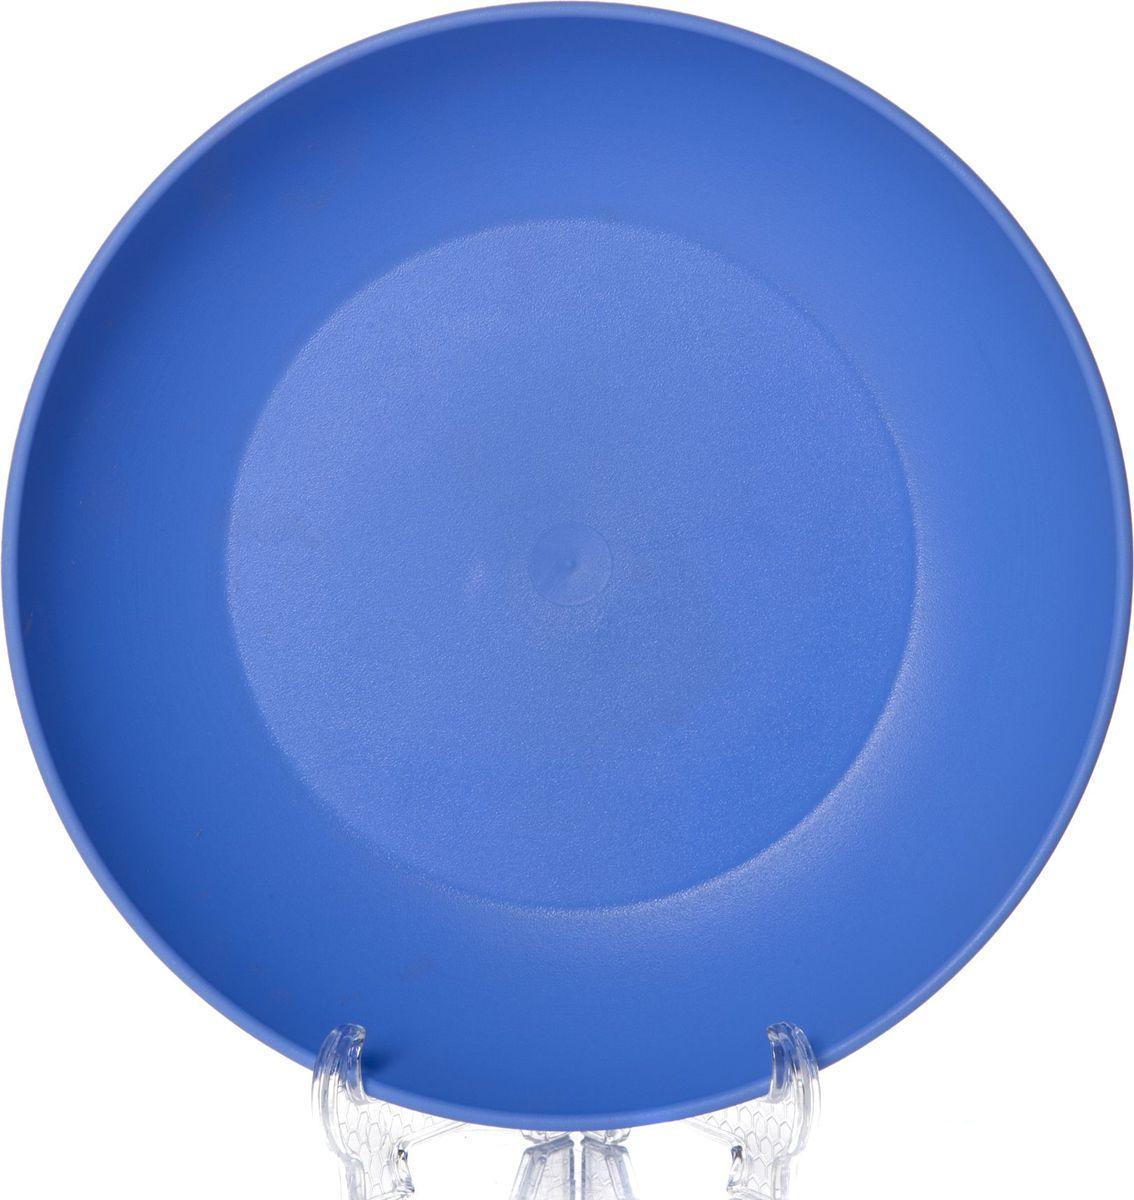 Тарелка Gotoff, диаметр 18 см. WTC-275WTC-275Тарелка круглая 180*36